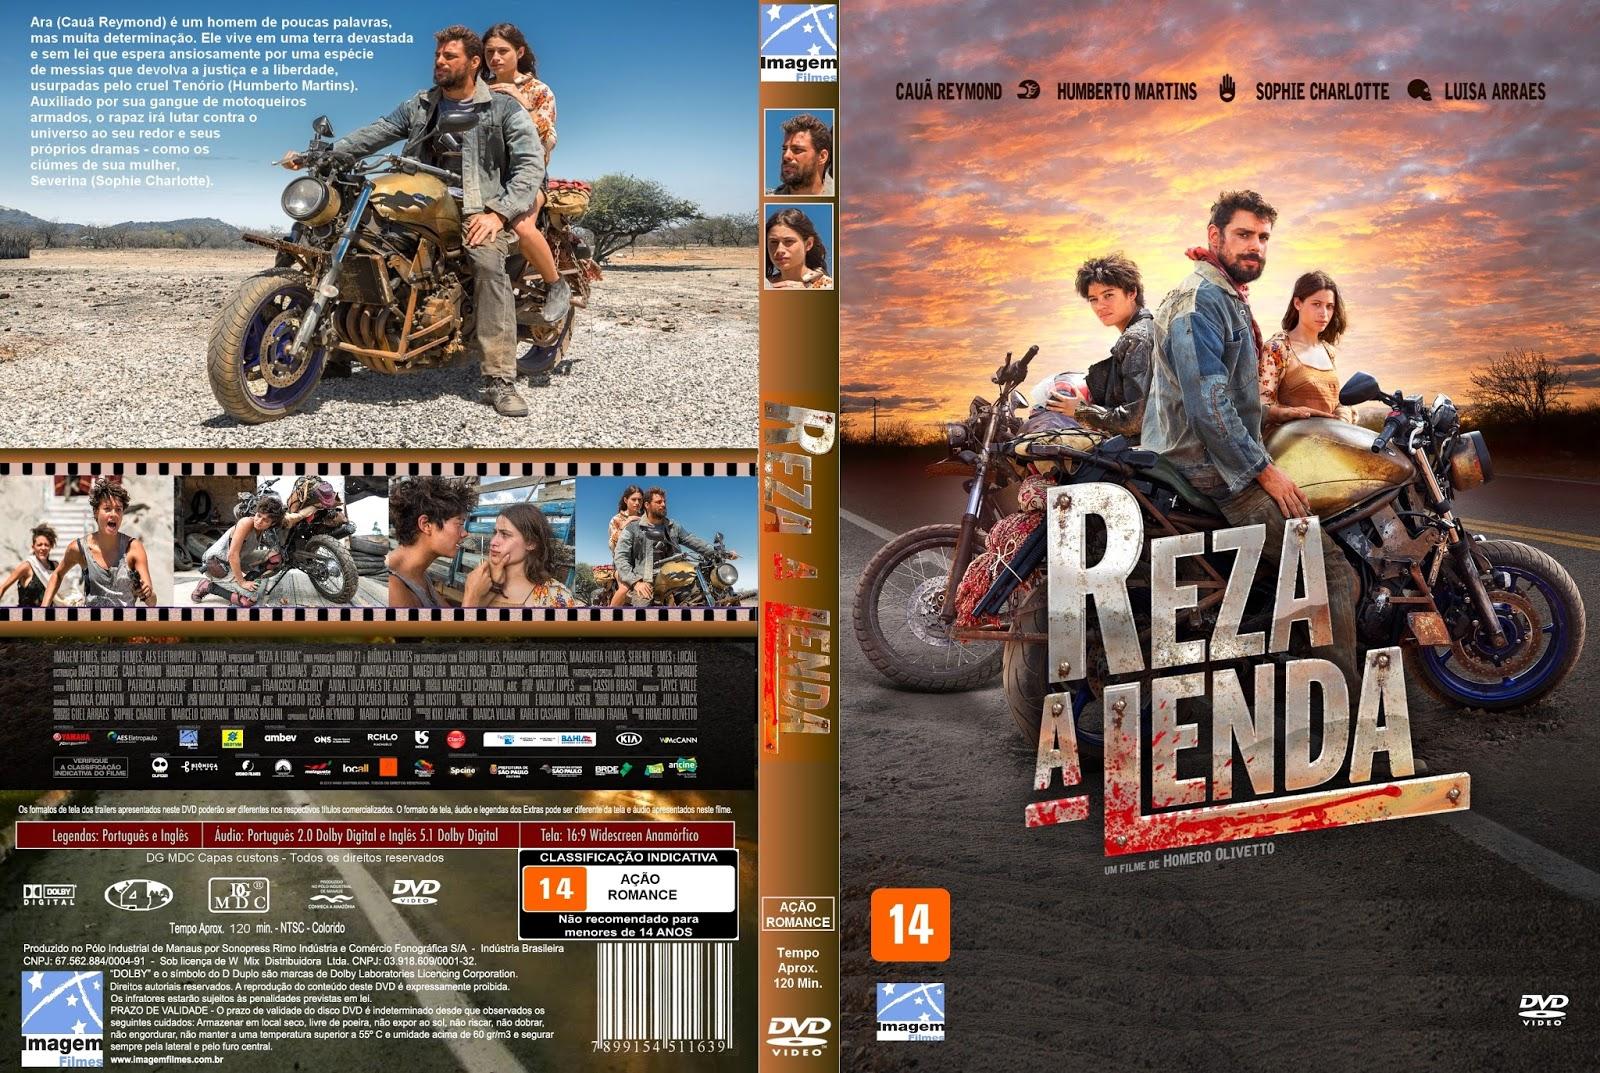 Reza a Lenda DVDRip X264 Nacional Reza 2BA 2BLenda